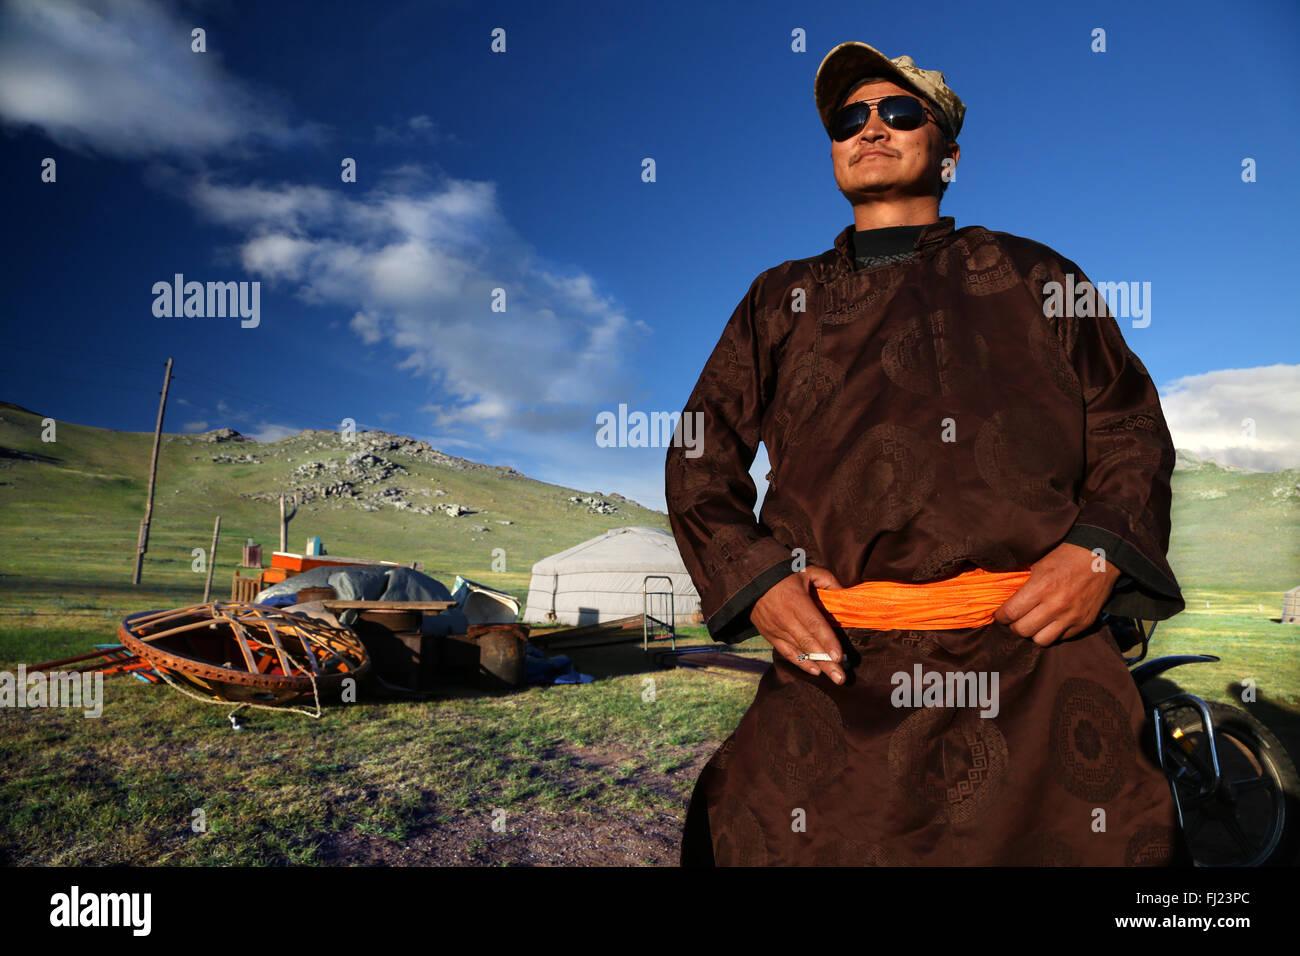 Retrato de mongoles hombre con traje de vestir ropa tradicional llamado 'deel' Imagen De Stock